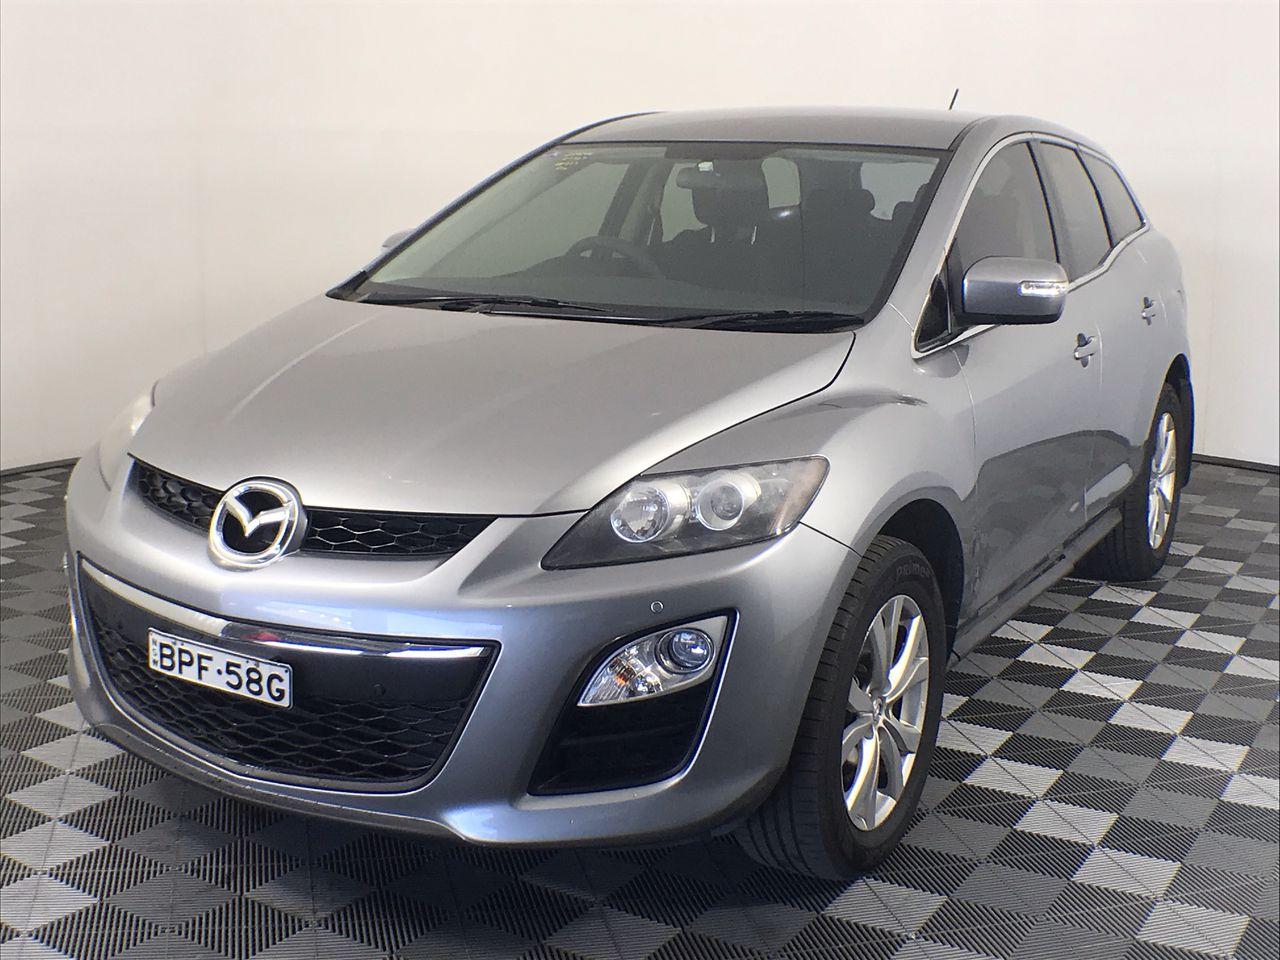 2010 Mazda CX-7 Classic Sports (4x4) Automatic Wagon